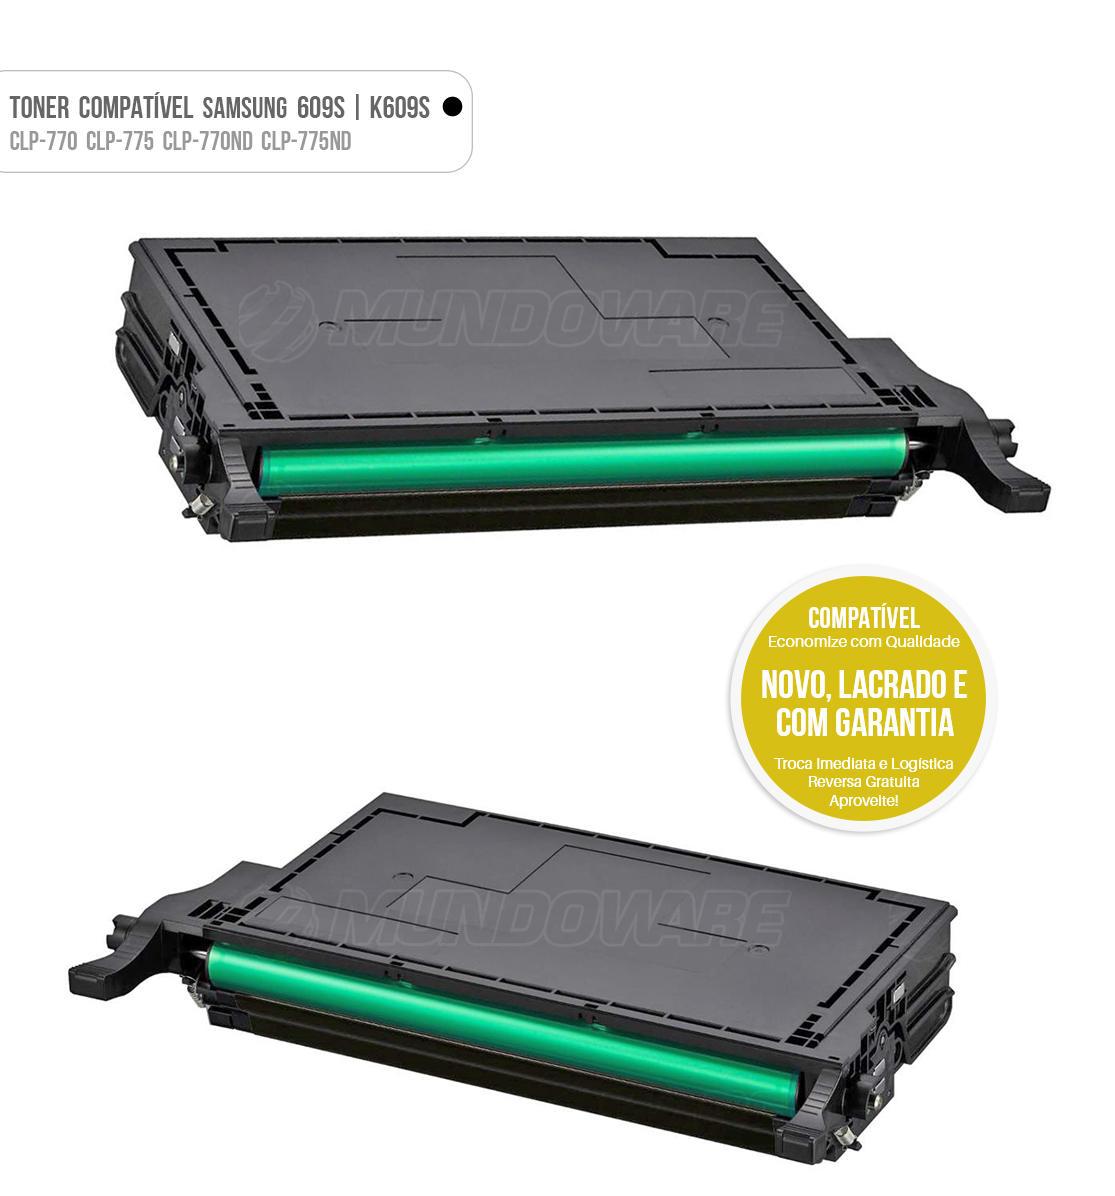 Toner Preto Compatível com CLT609 K609S 609S para impressora Samsung CLP-770 CLP-775 CLP-770ND CLP-775ND CLP770 CLP775 CLP770ND CLP775ND Tonner